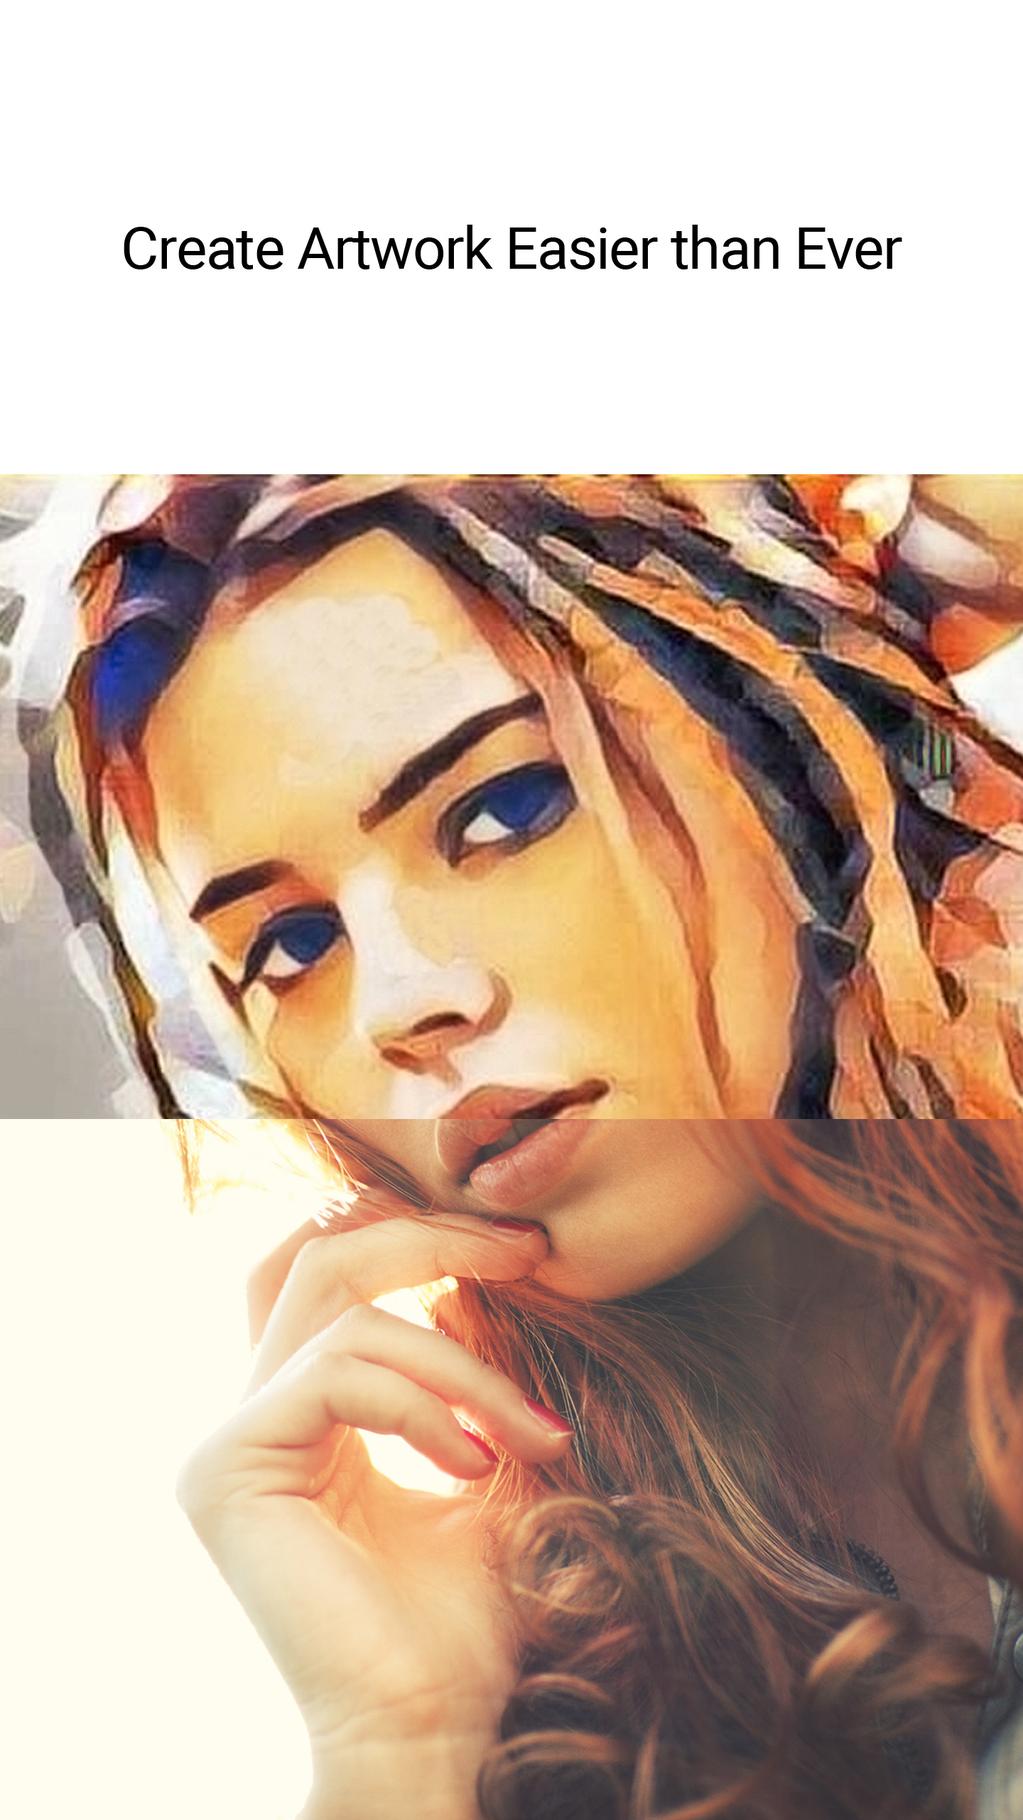 Picas - Photo Artwork Editor Screenshot 1